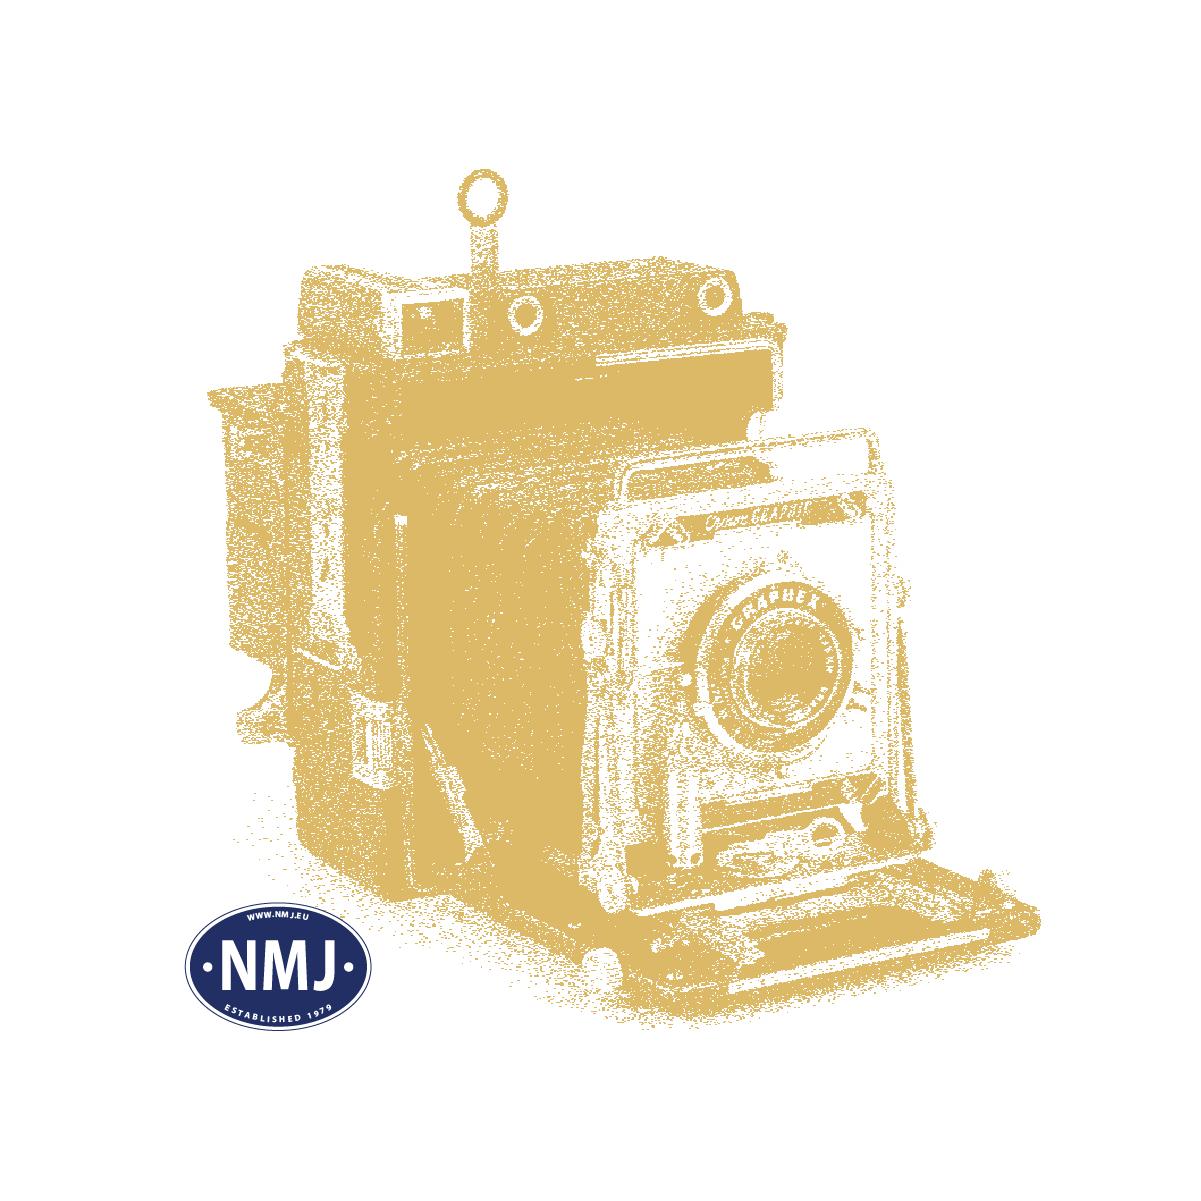 NMJT504.204 - NMJ Topline NSB G5 44204